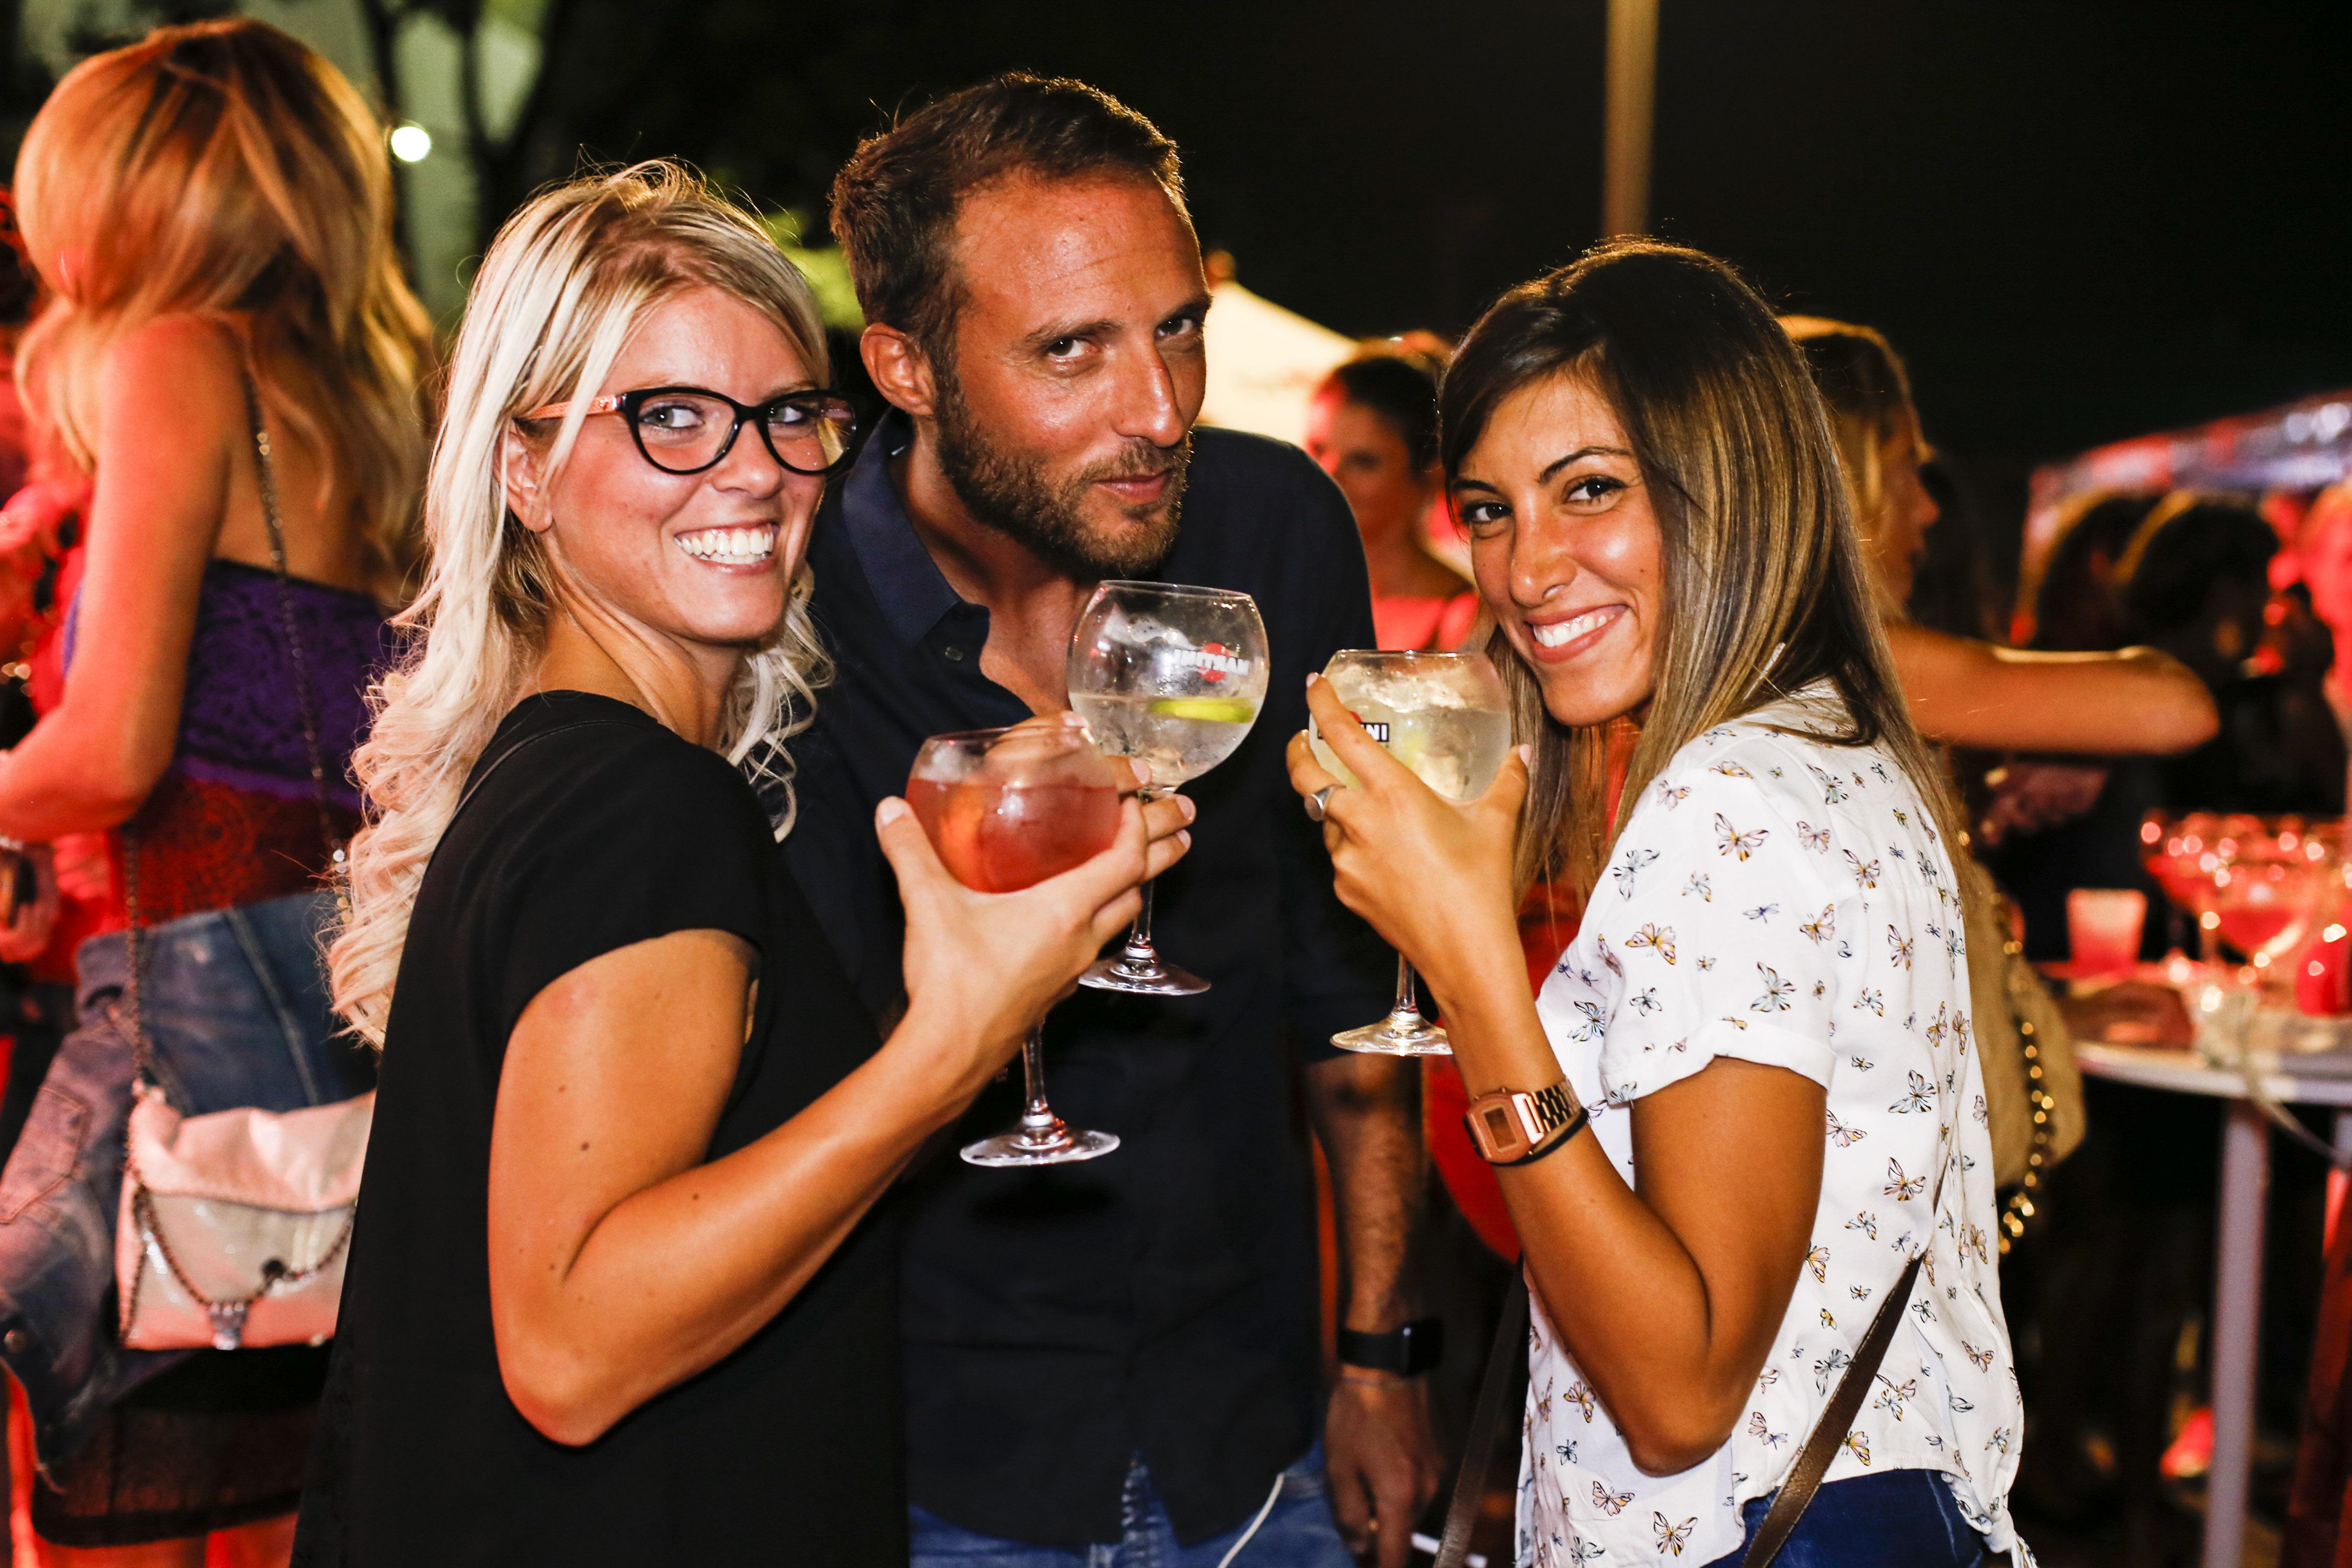 Apre a Milano la Terrazza Martini - Milano Post